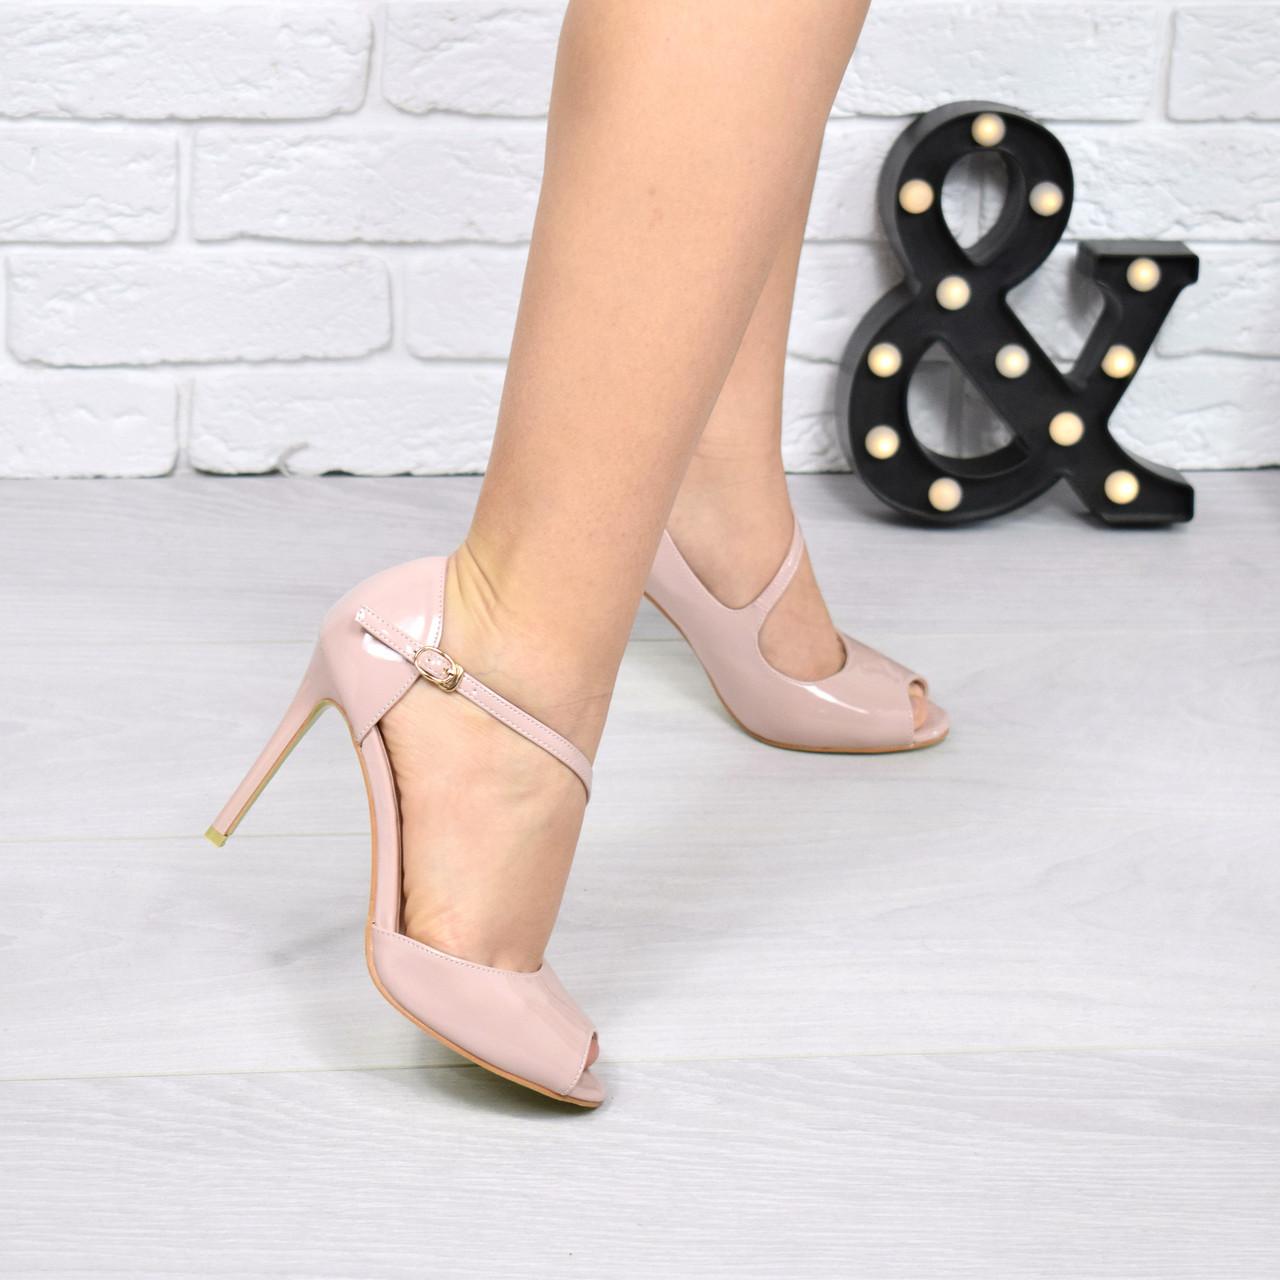 (ТОЛЬКО 35 И 40 РАЗМЕРЫ) Туфли женские лодочки пудра лак